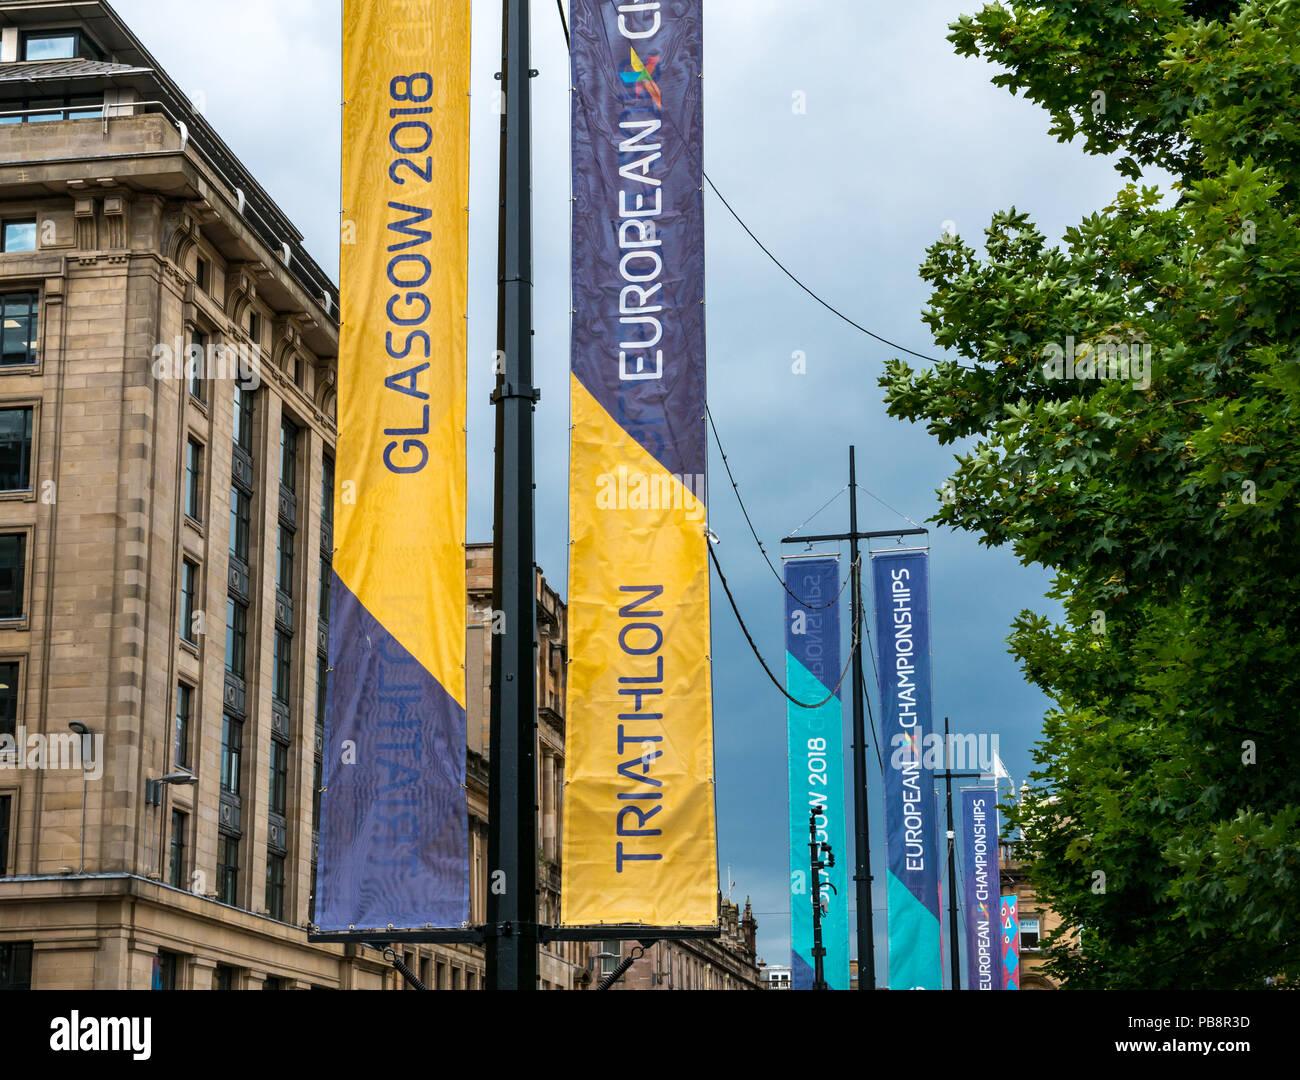 Speed rencontres événements à Glasgow Camping-cars brancher des sites